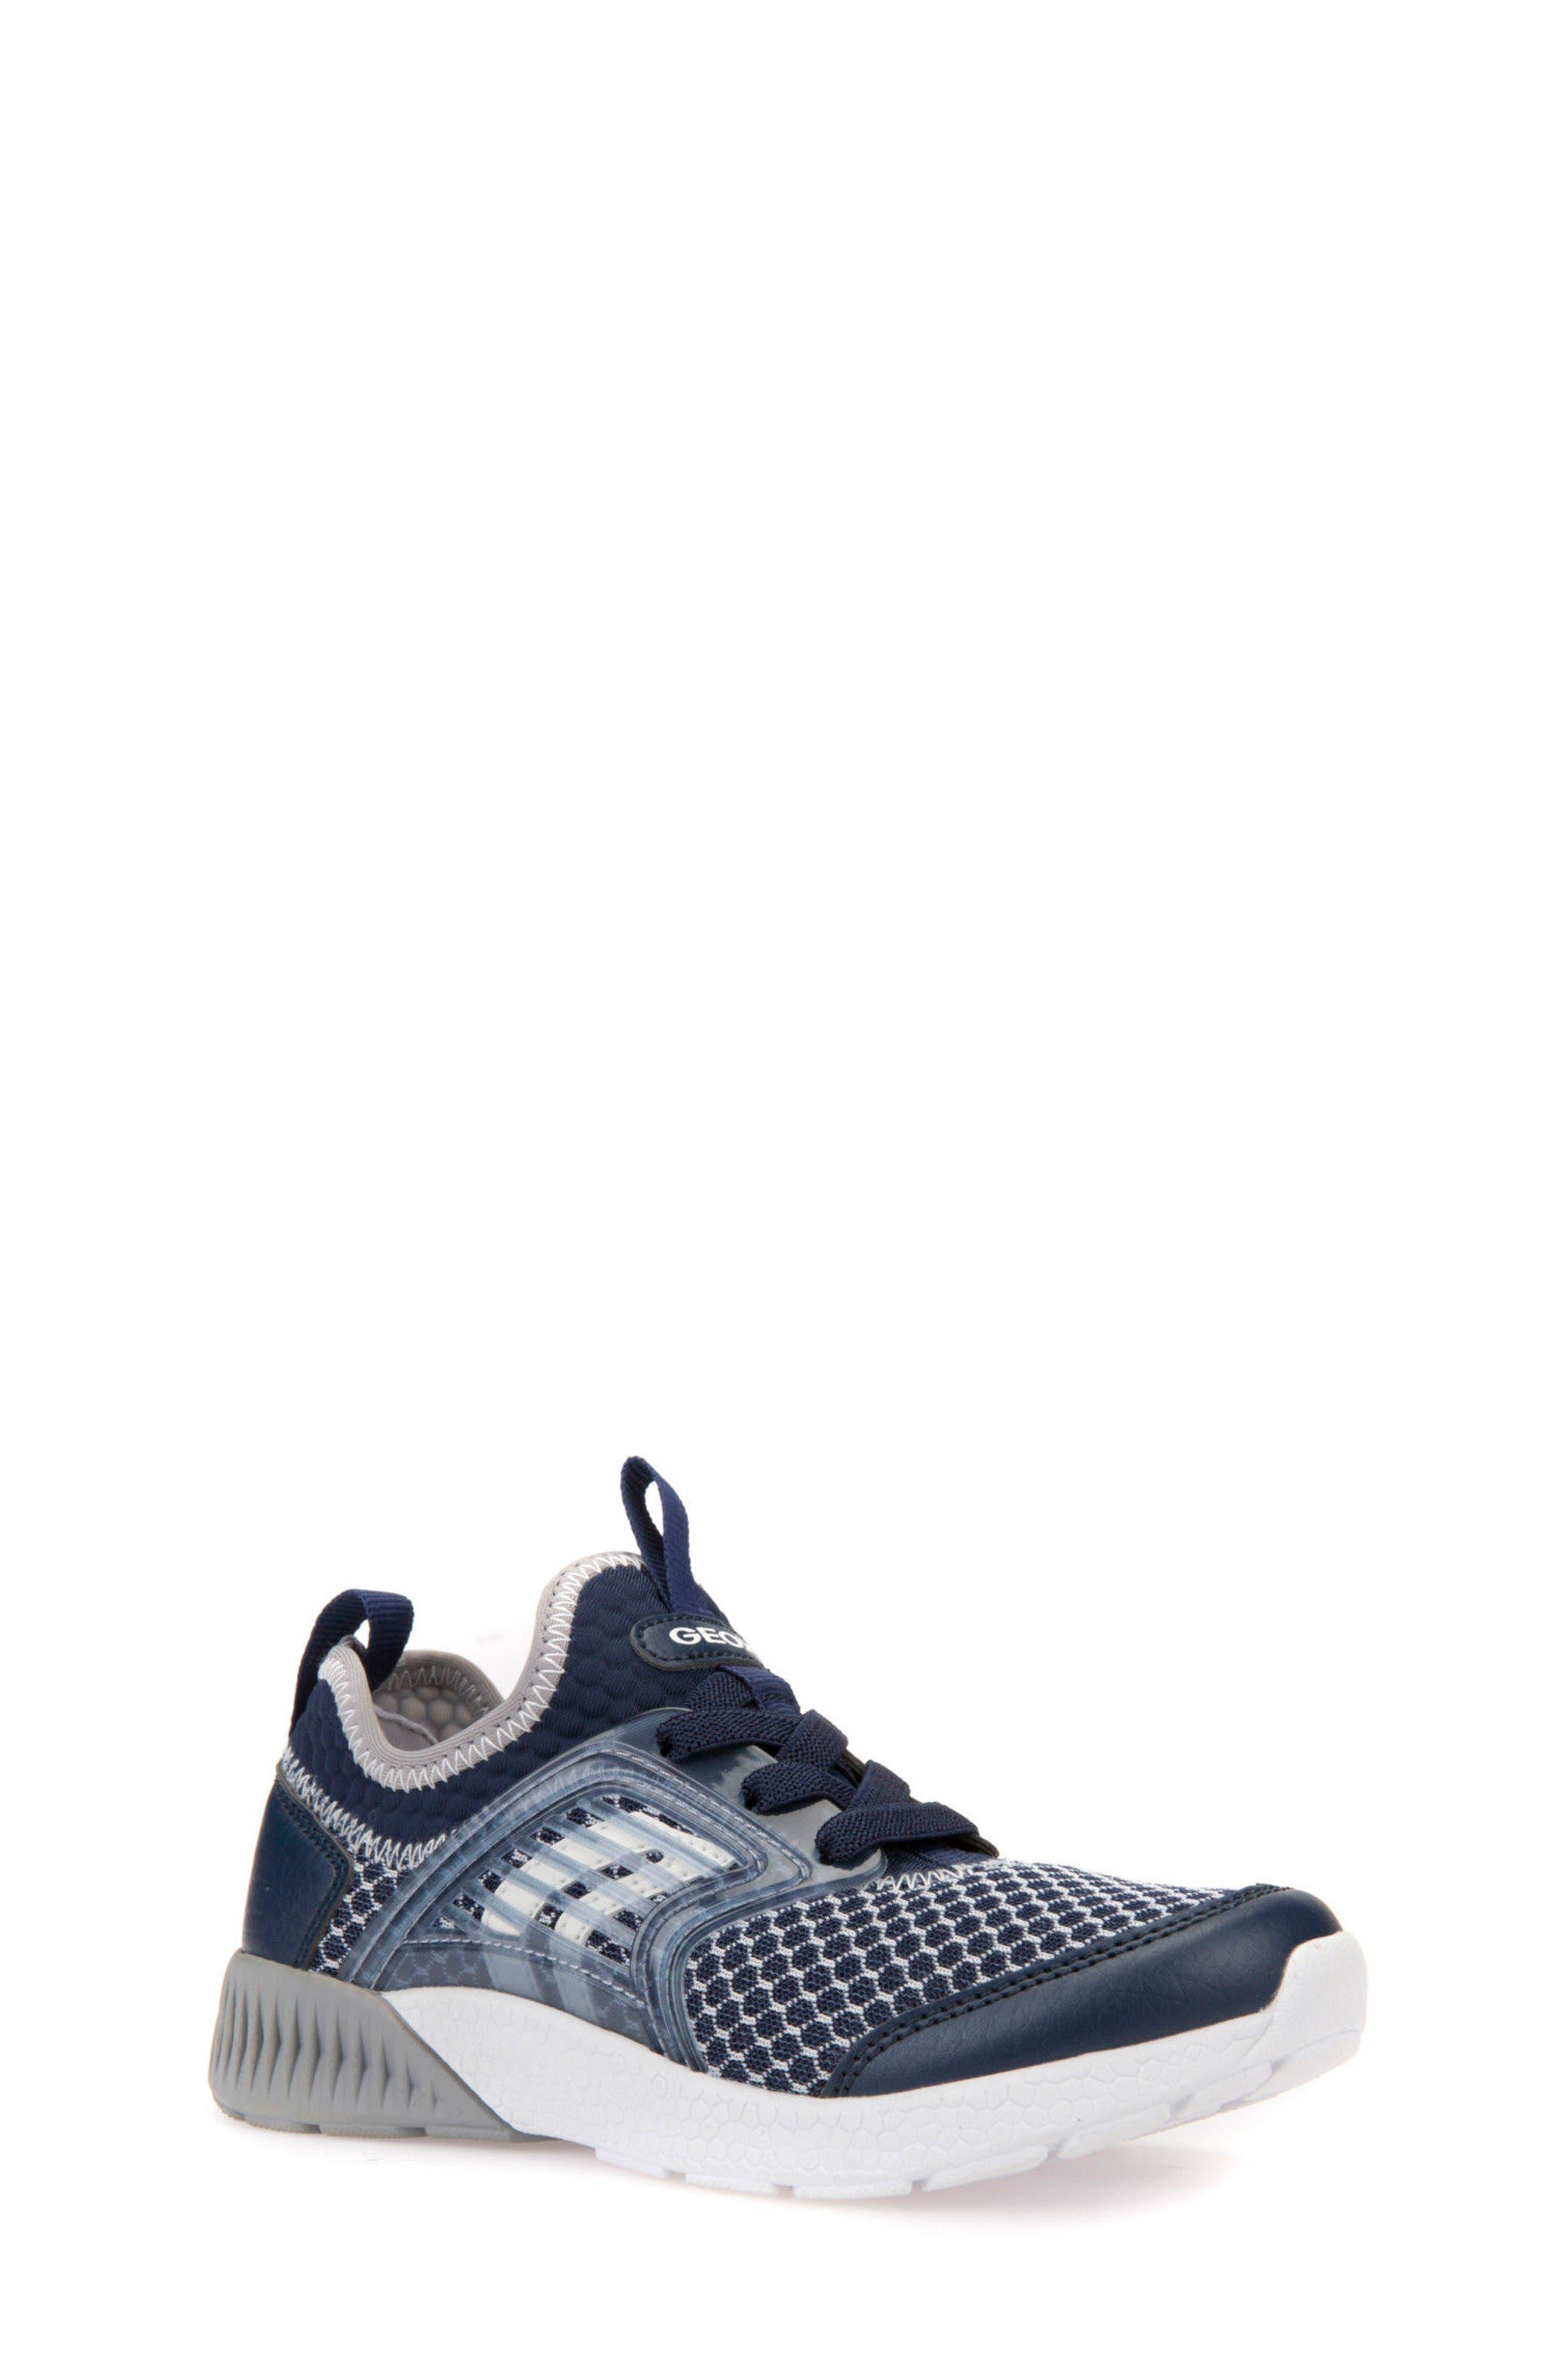 Sveth Sock Sneaker,                         Main,                         color, Navy/ Grey